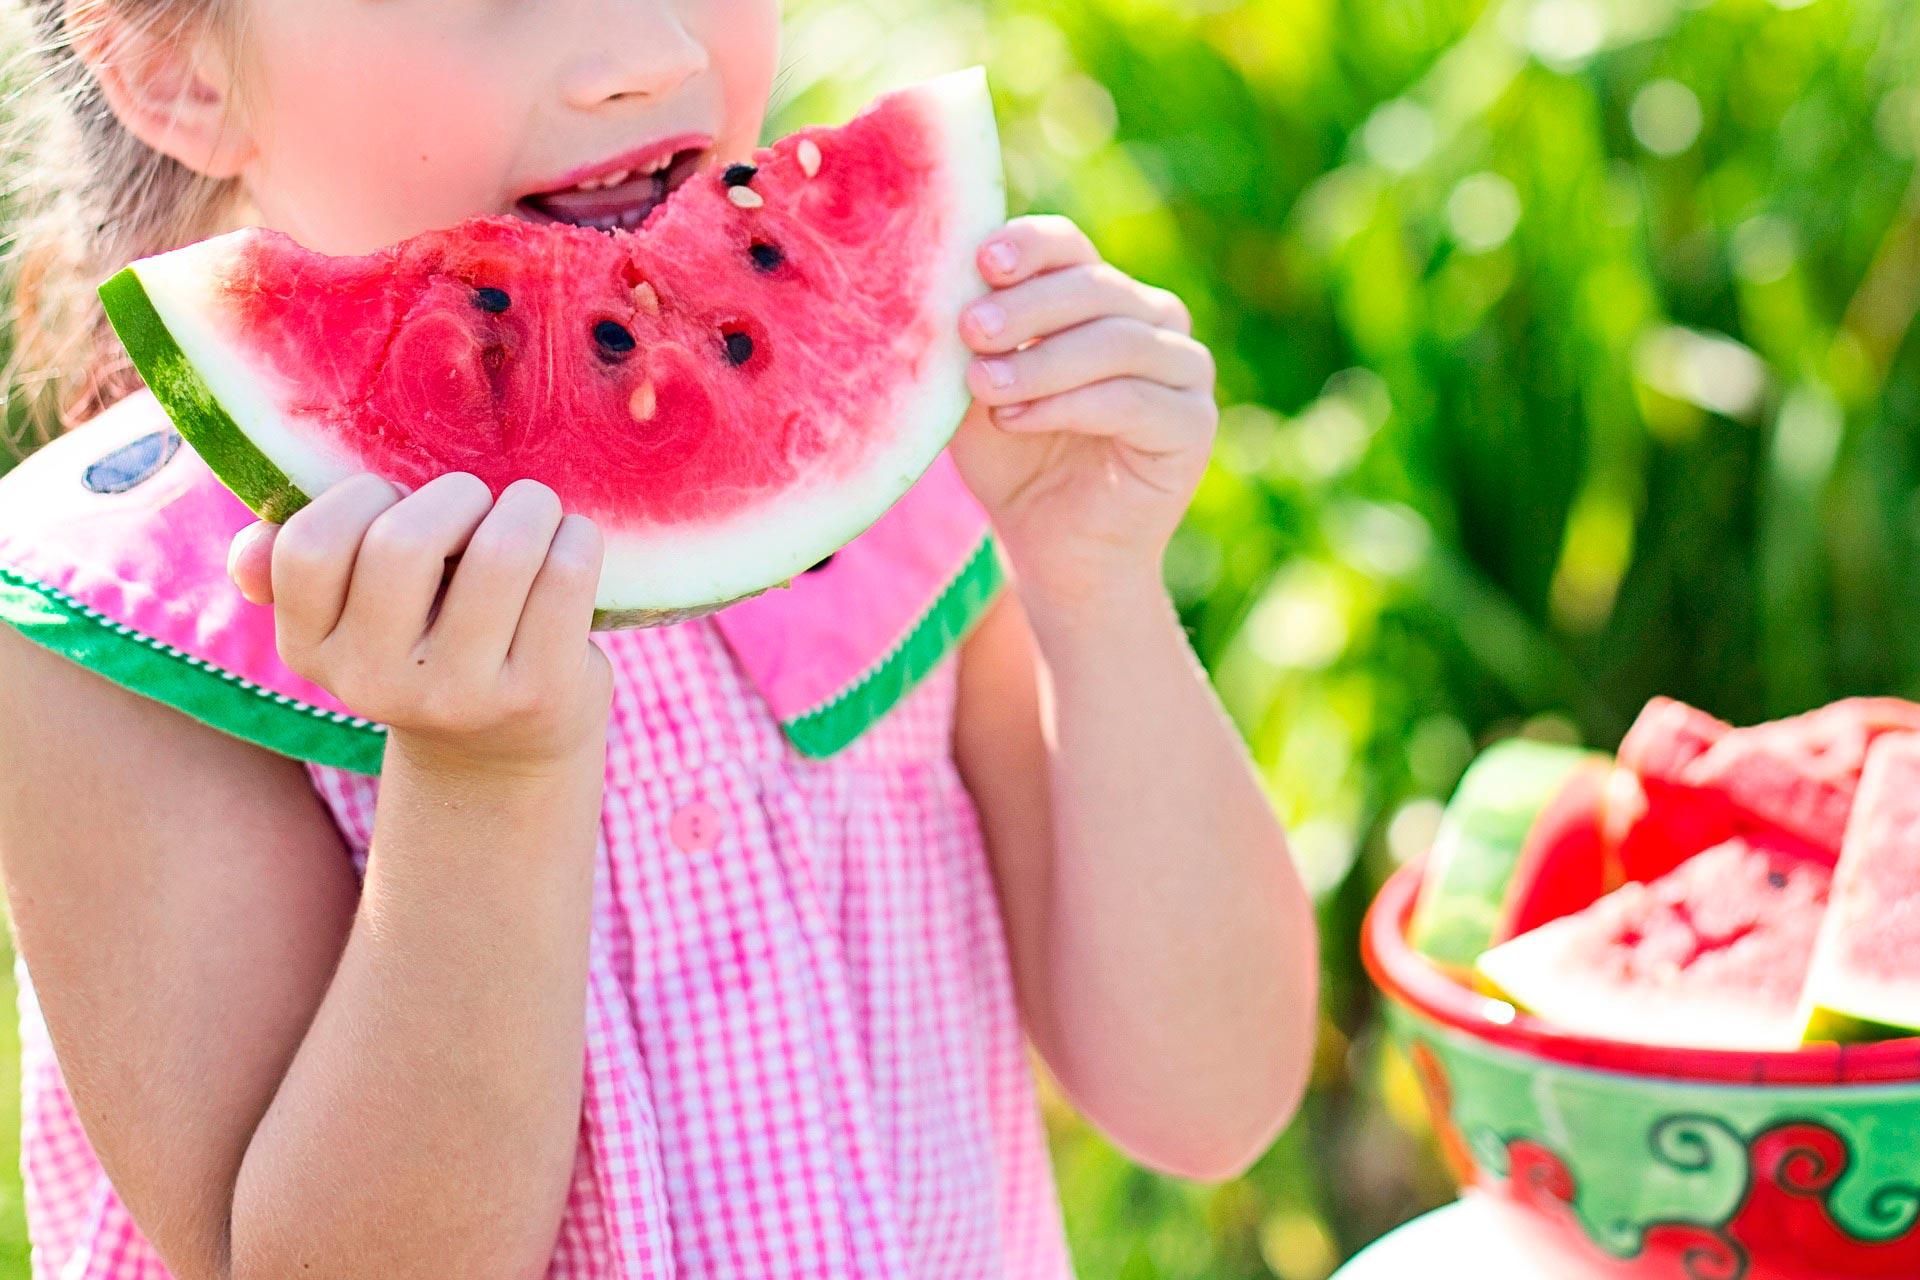 Como cuidar tus dientes en verano